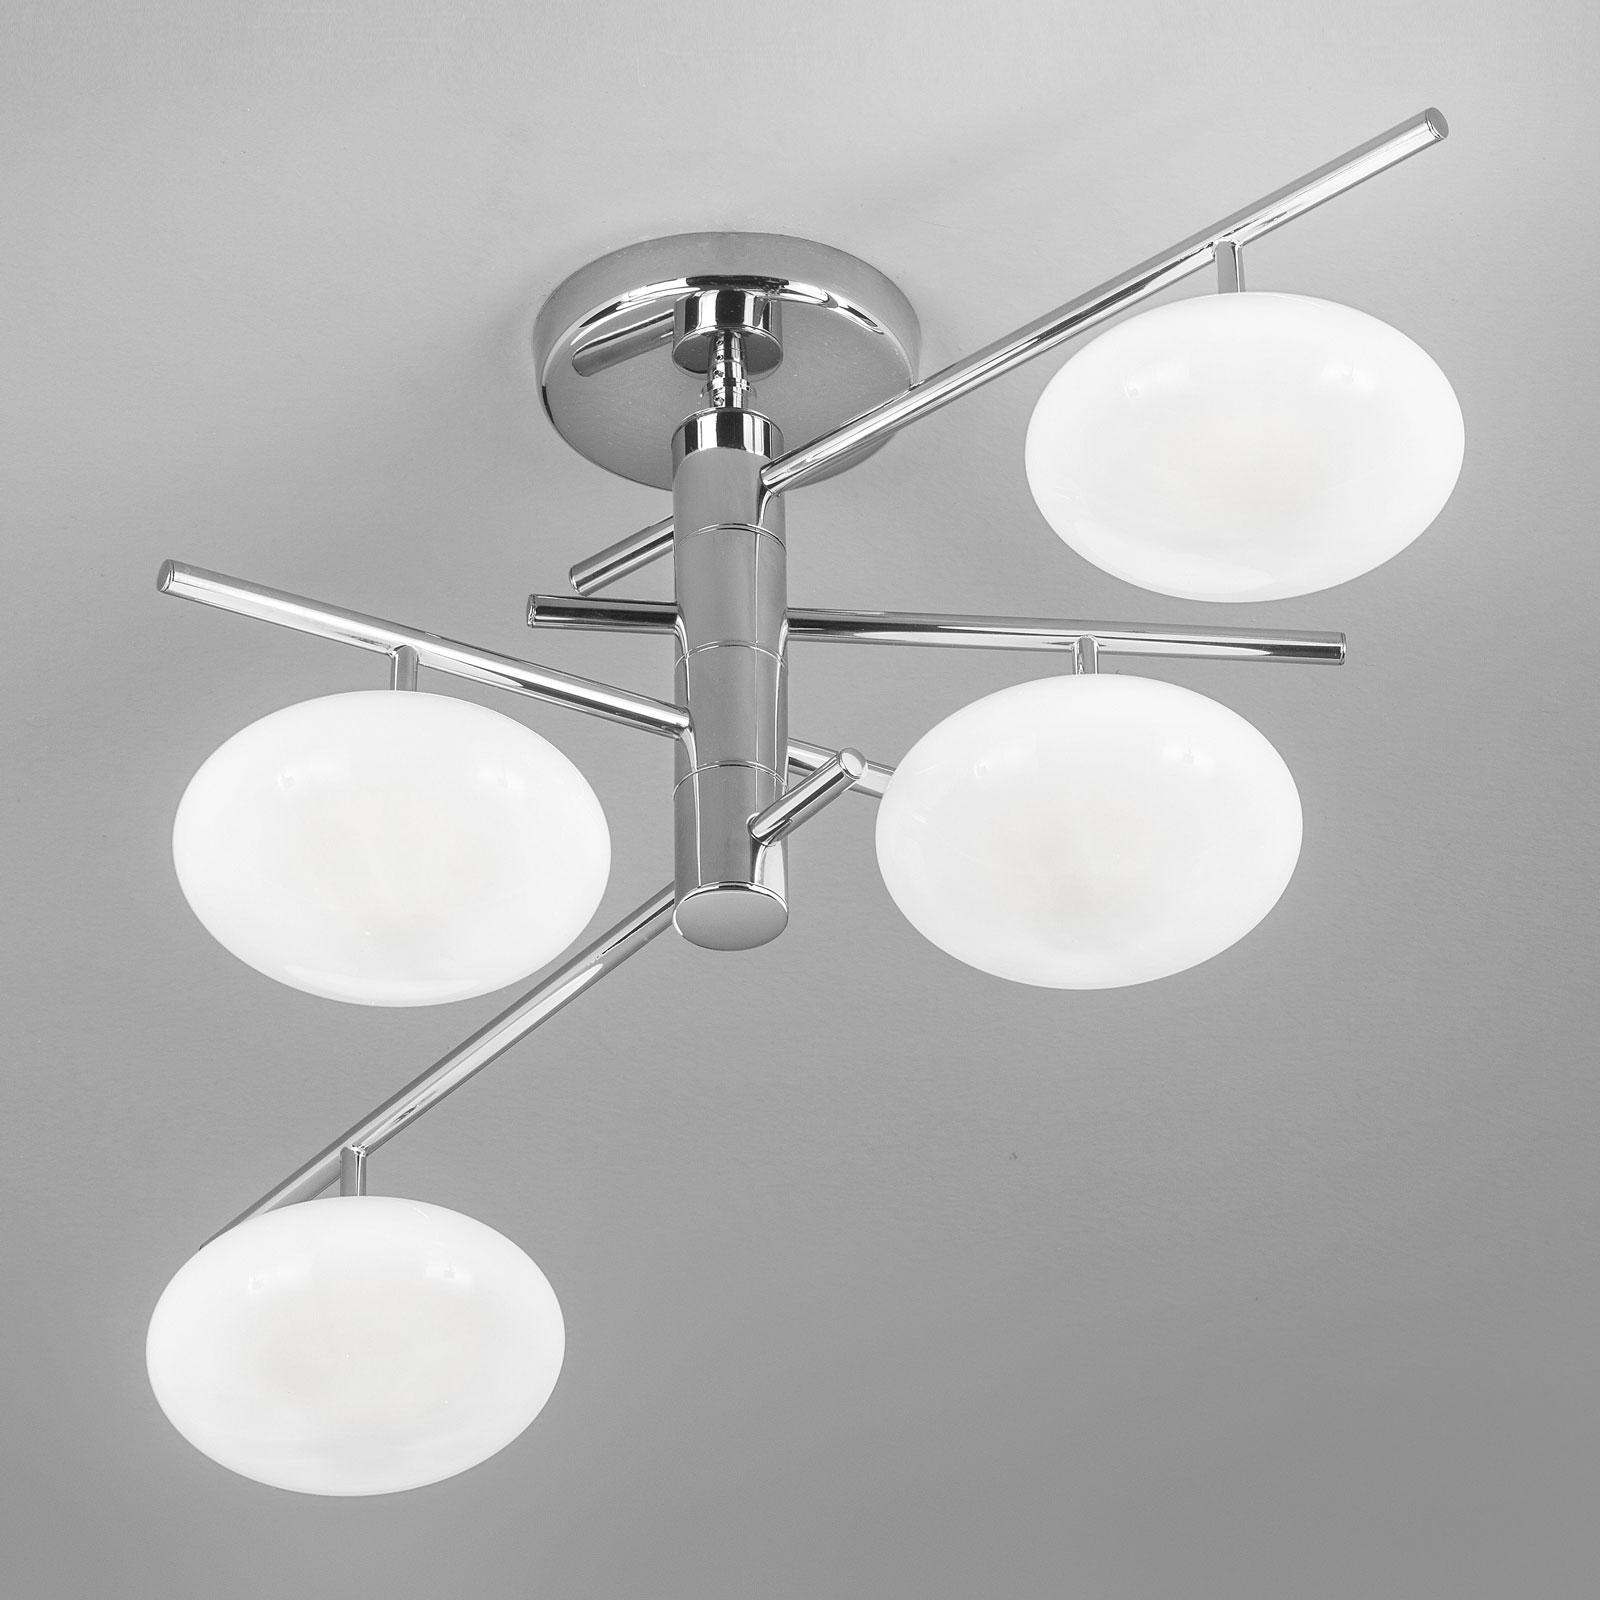 Taklampe Dolce 4 lyskilder, krom/hvite skjerm